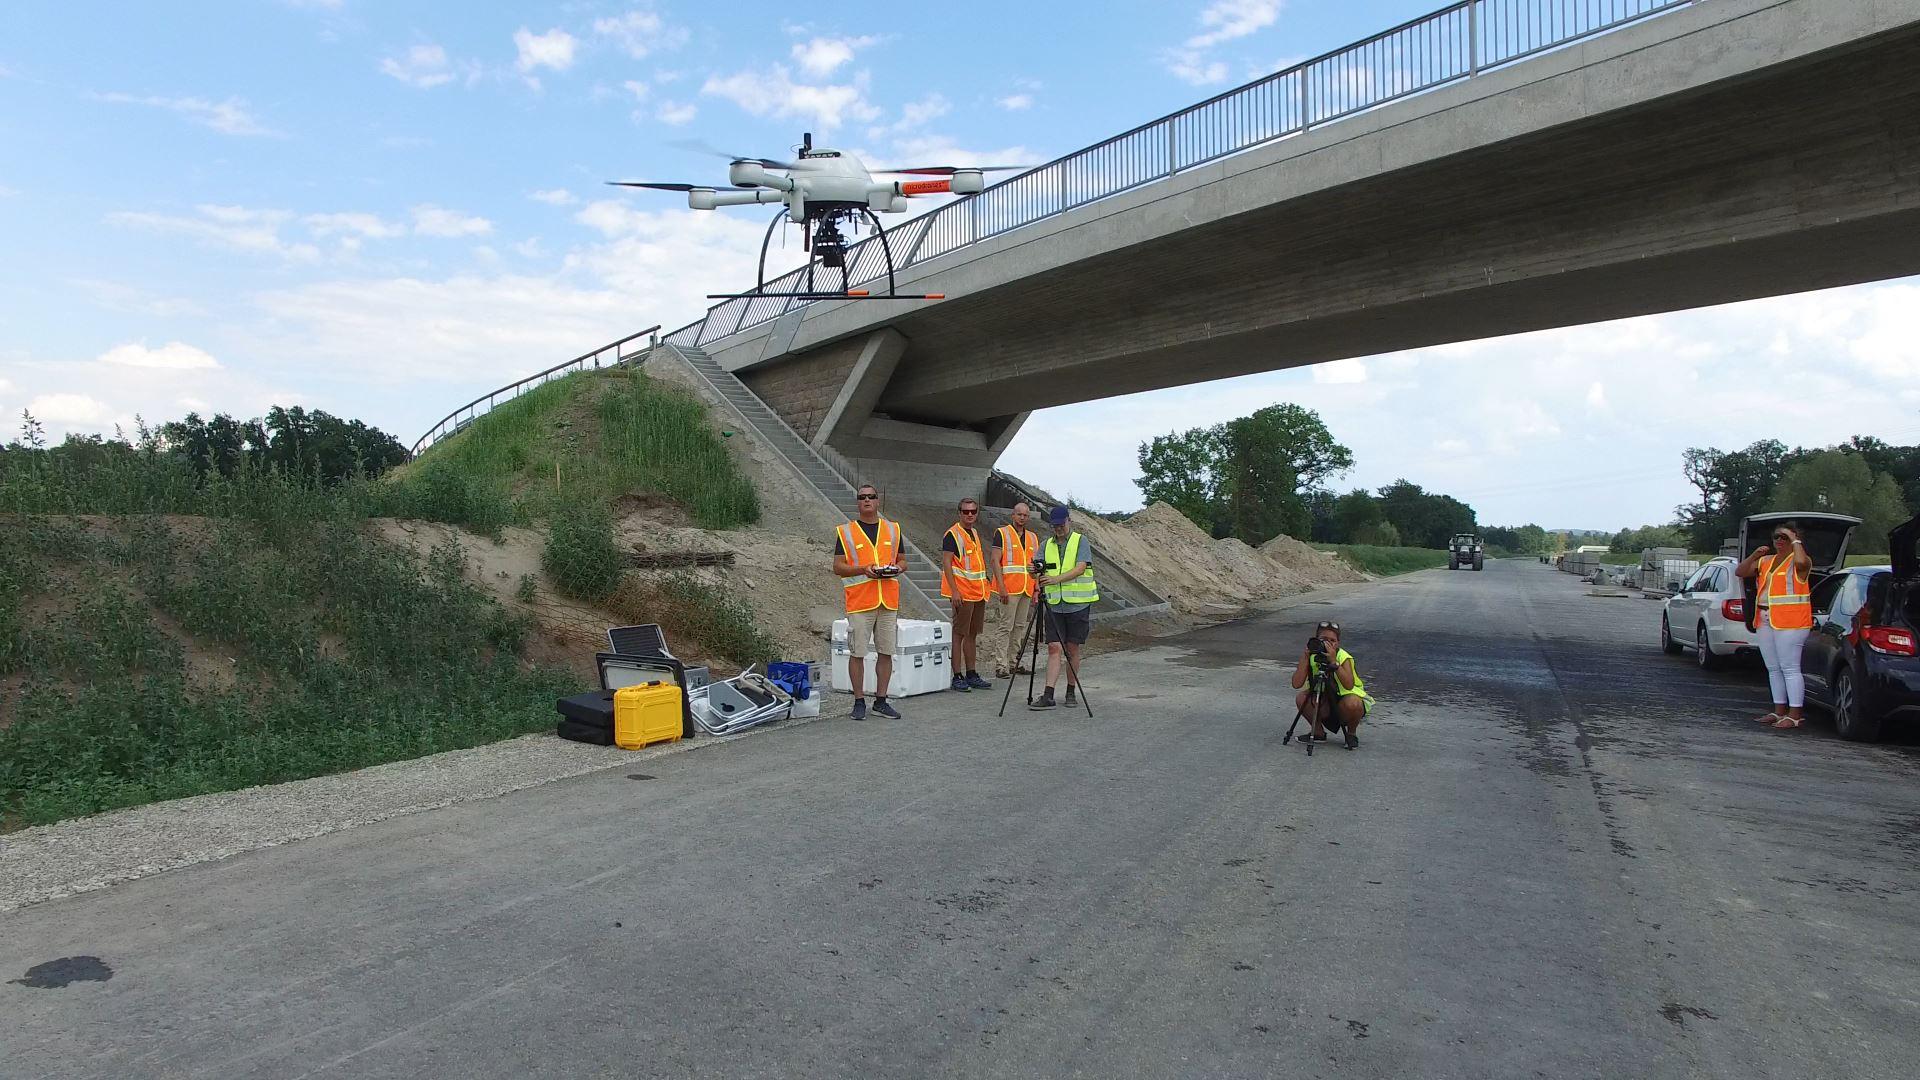 Drohnenaufnahmen für das Unternehmen Microdrones GmbH